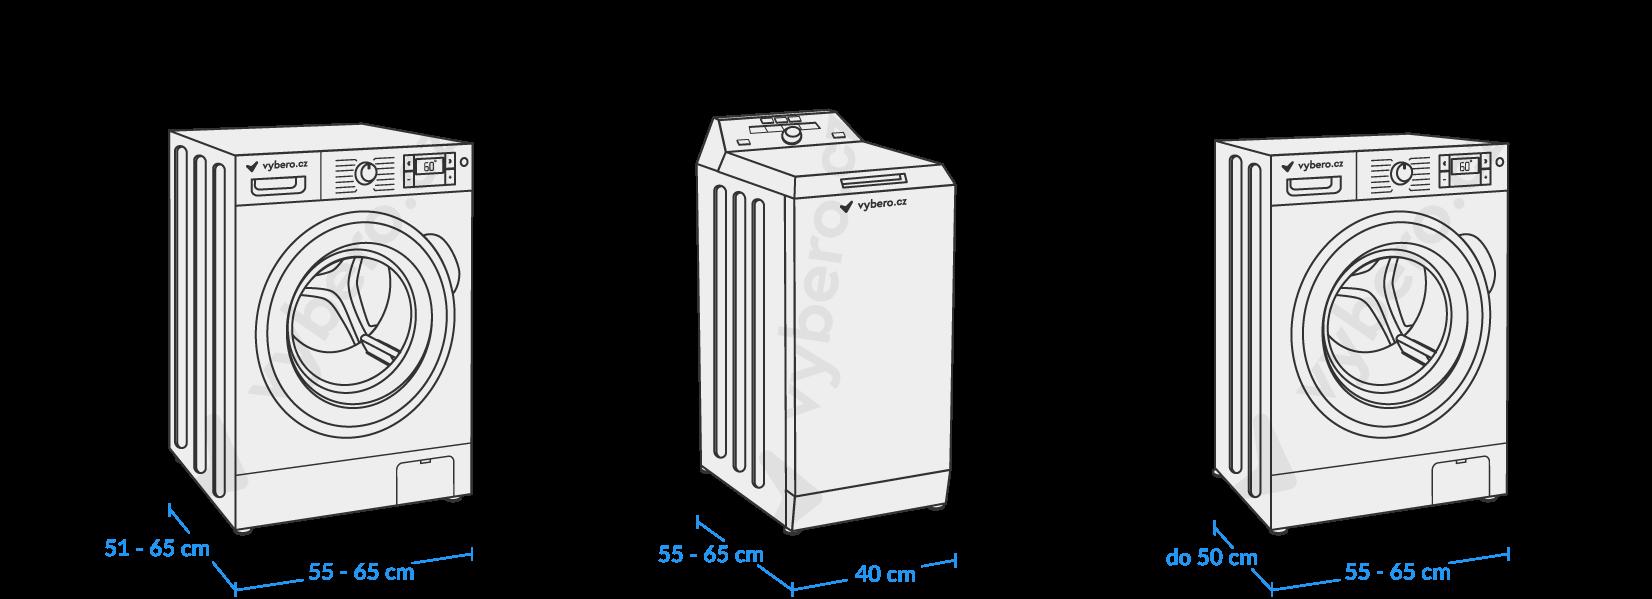 Vyobrazení různých typů praček podle způsobu plnění